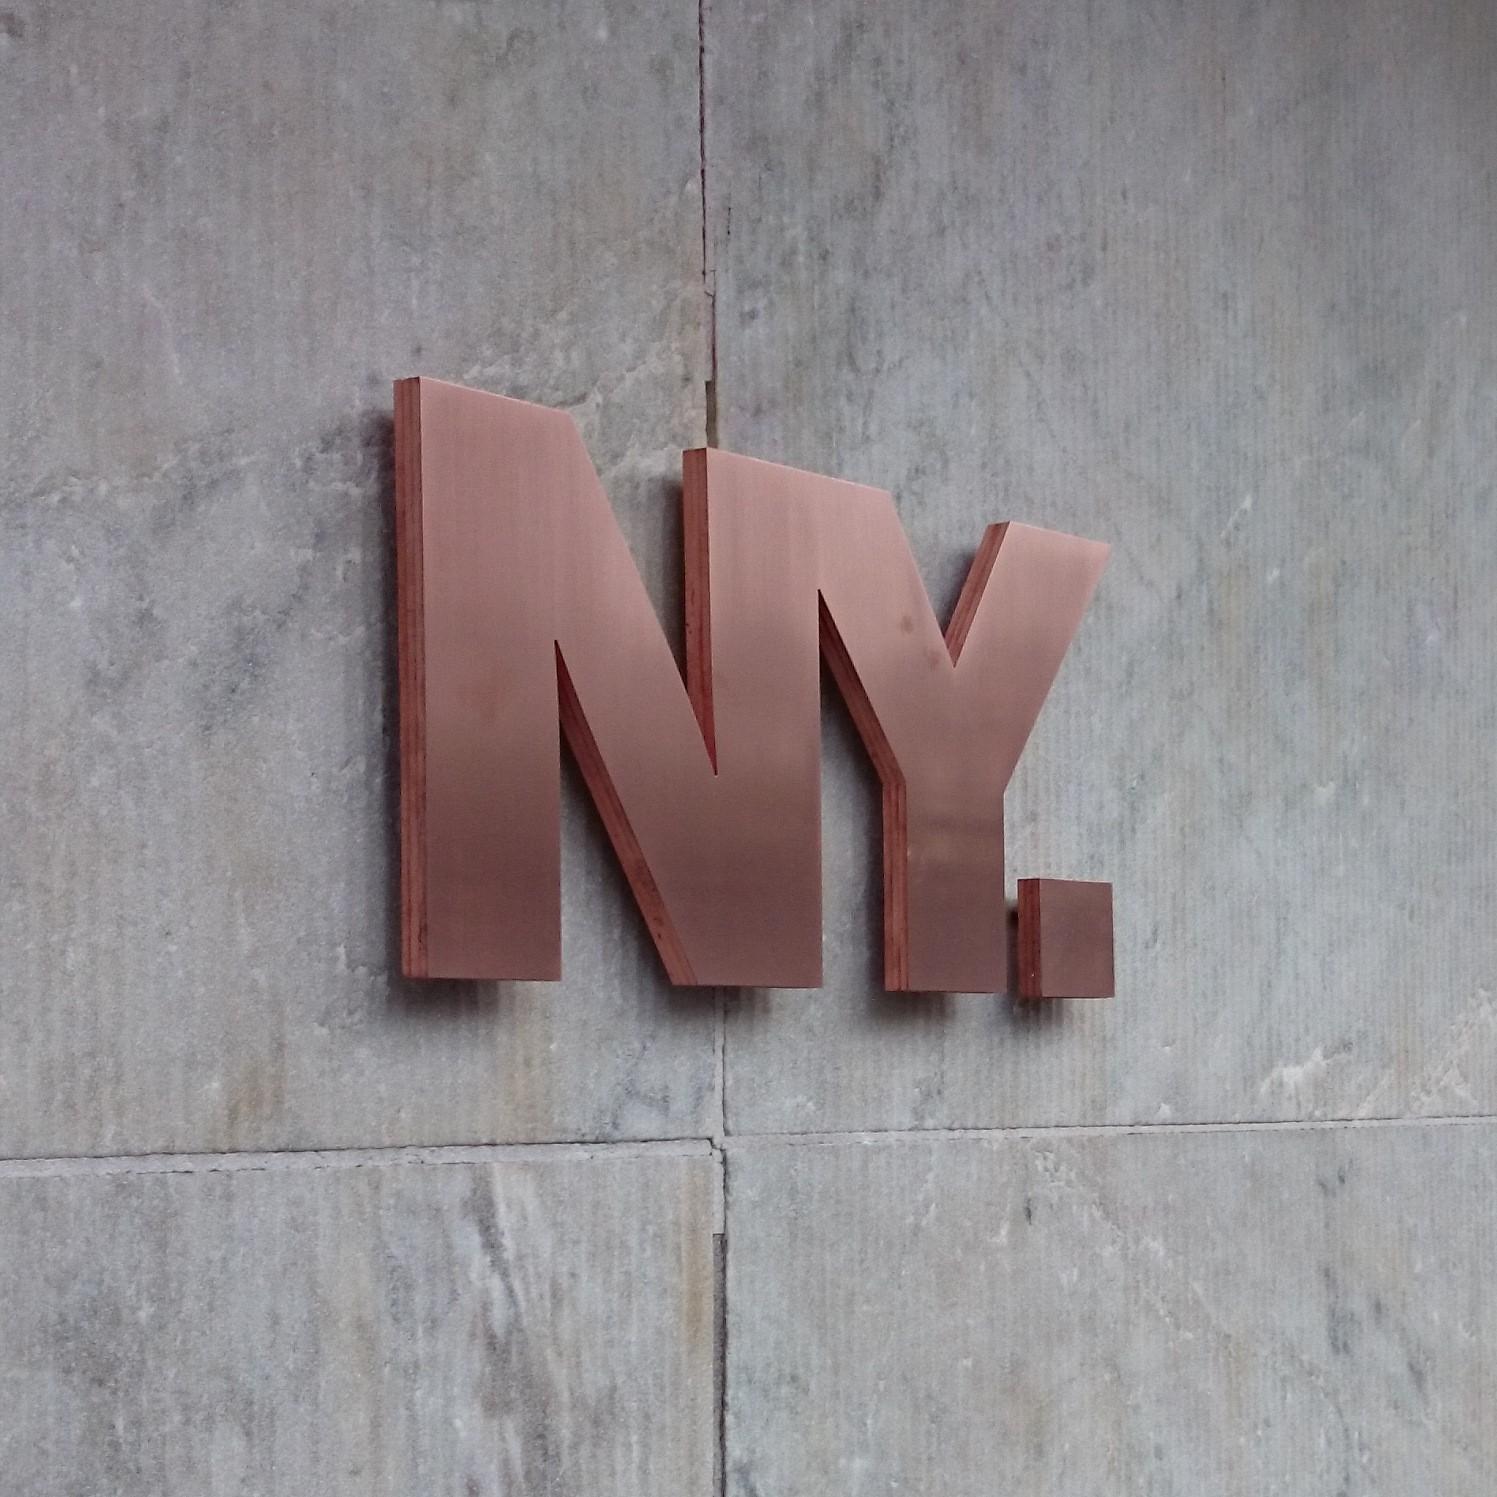 NY. Reklam